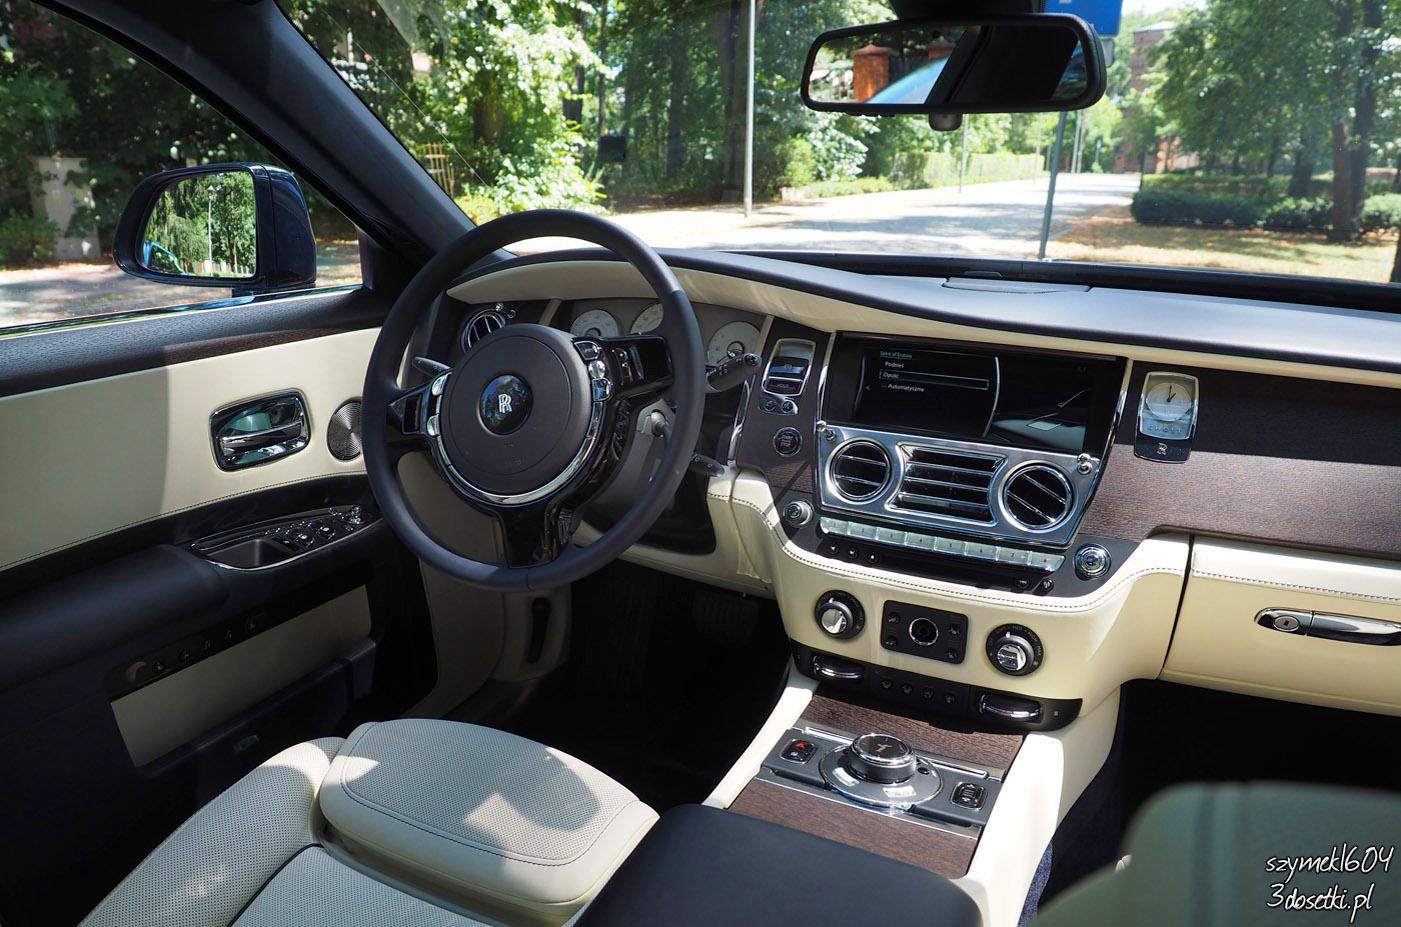 Wnętze testowanego Rolls-Royce Ghost EWB